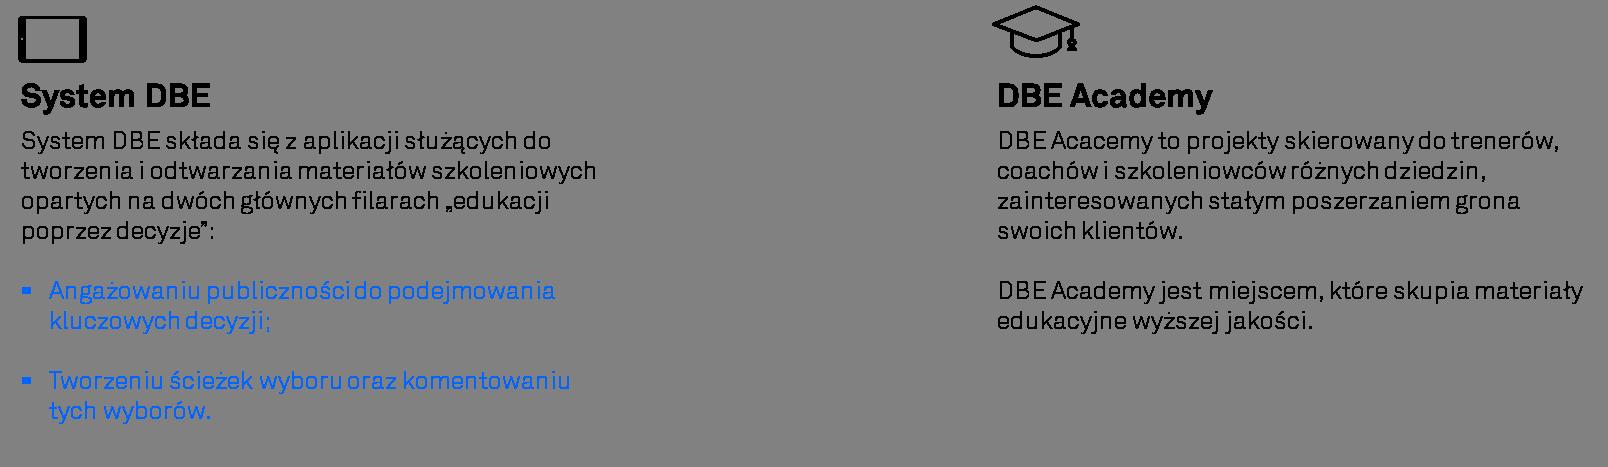 Obraz9